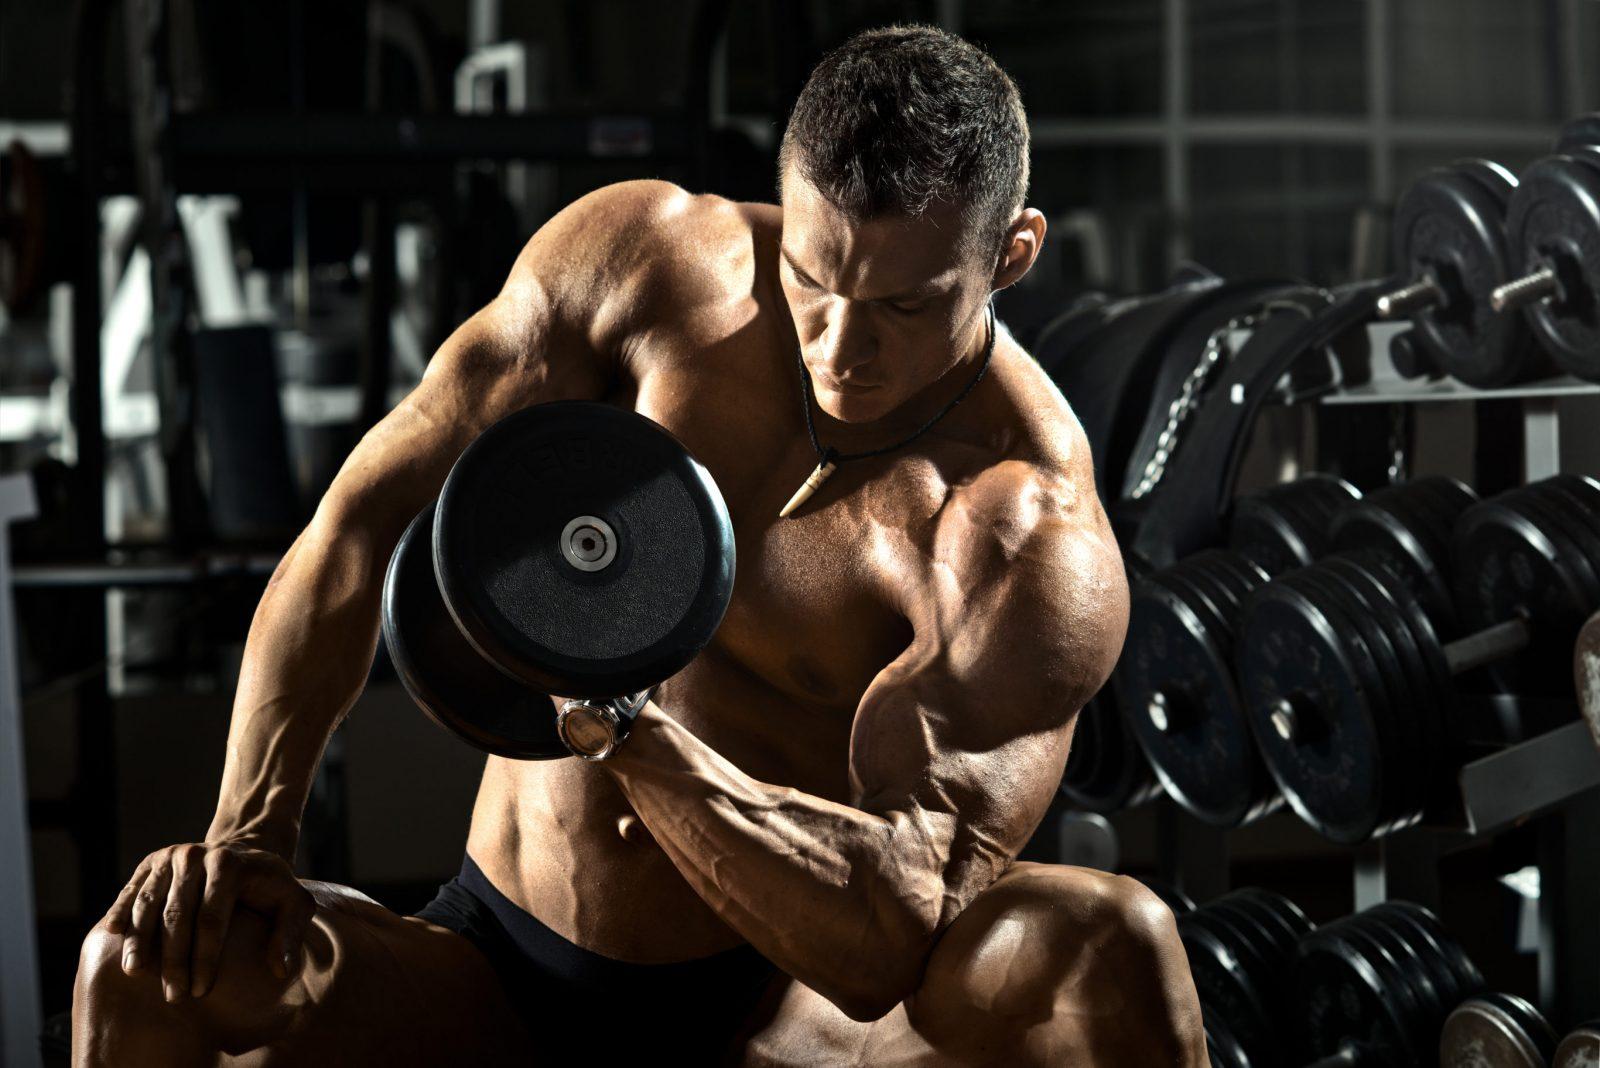 Упражнение концентрированный подъем гантели на бицепс